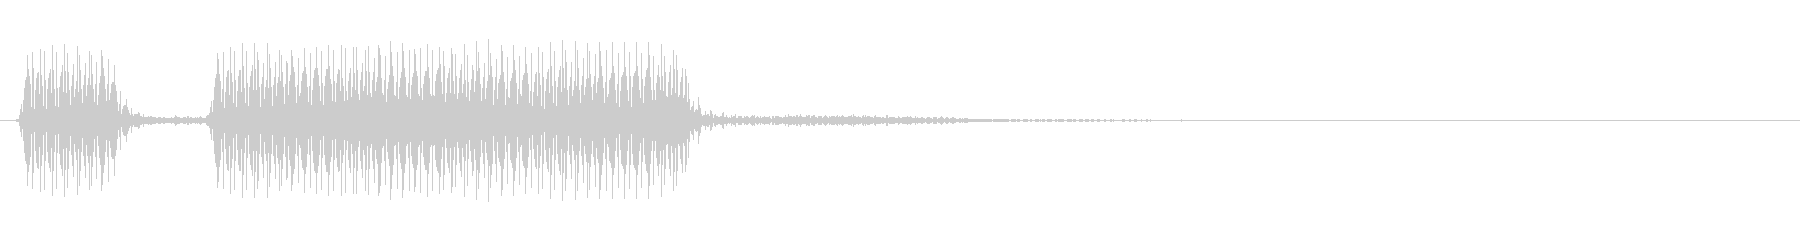 [ブブー] 不正解・エラー_鋸Mix 2の未再生の波形